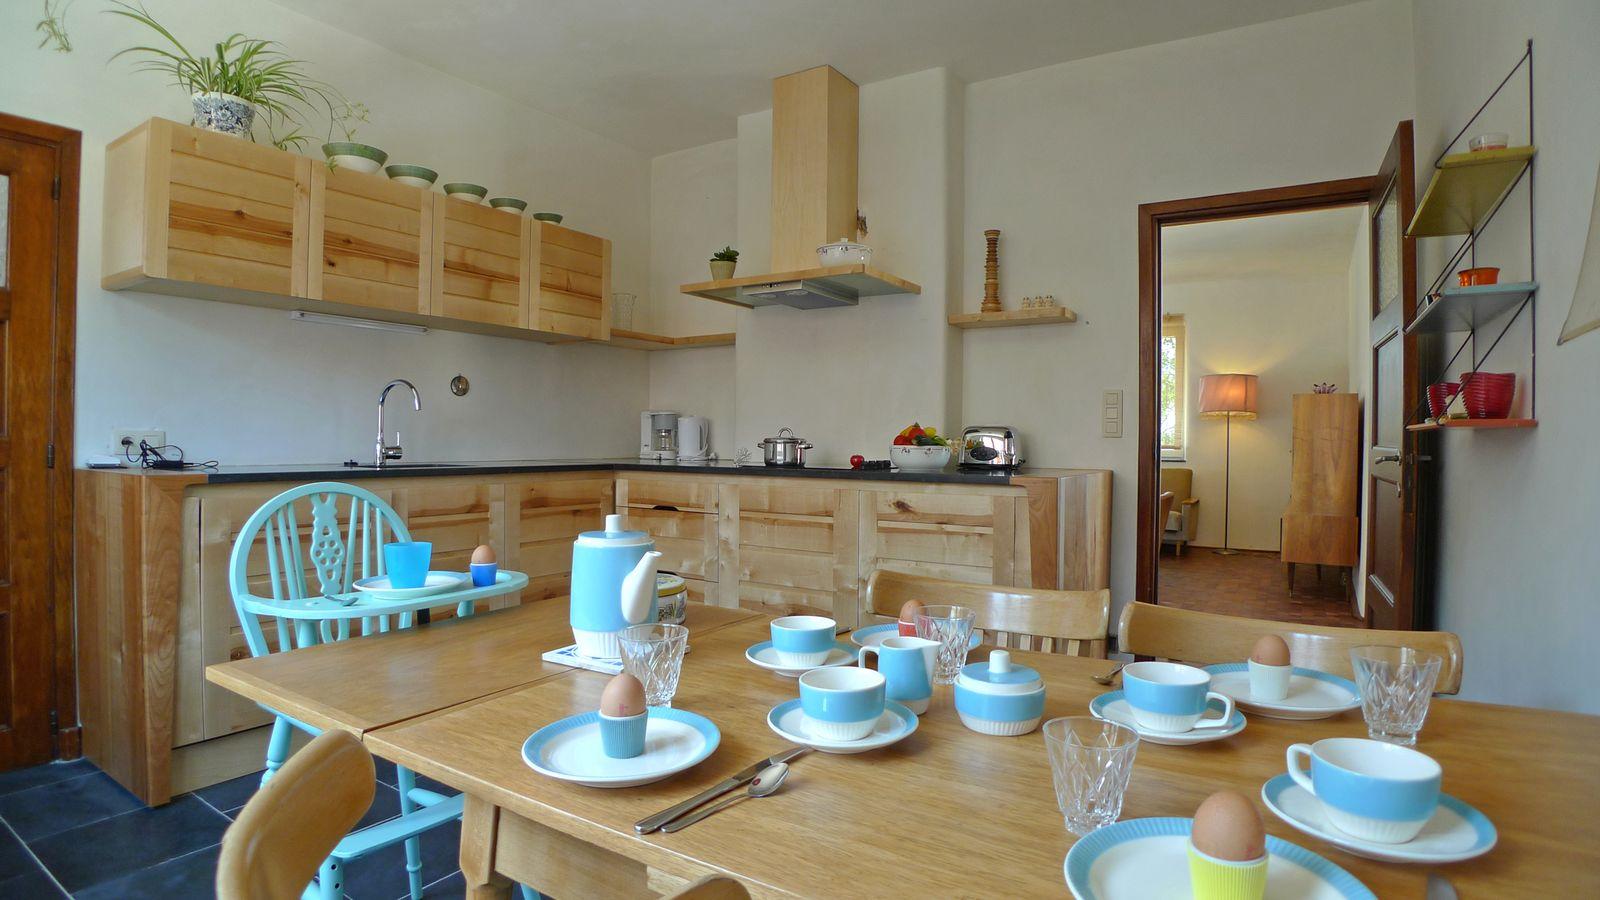 Afbeelding van Vakwerkhuis Nieuwe Huis - vakantiehuis België in retrostijl